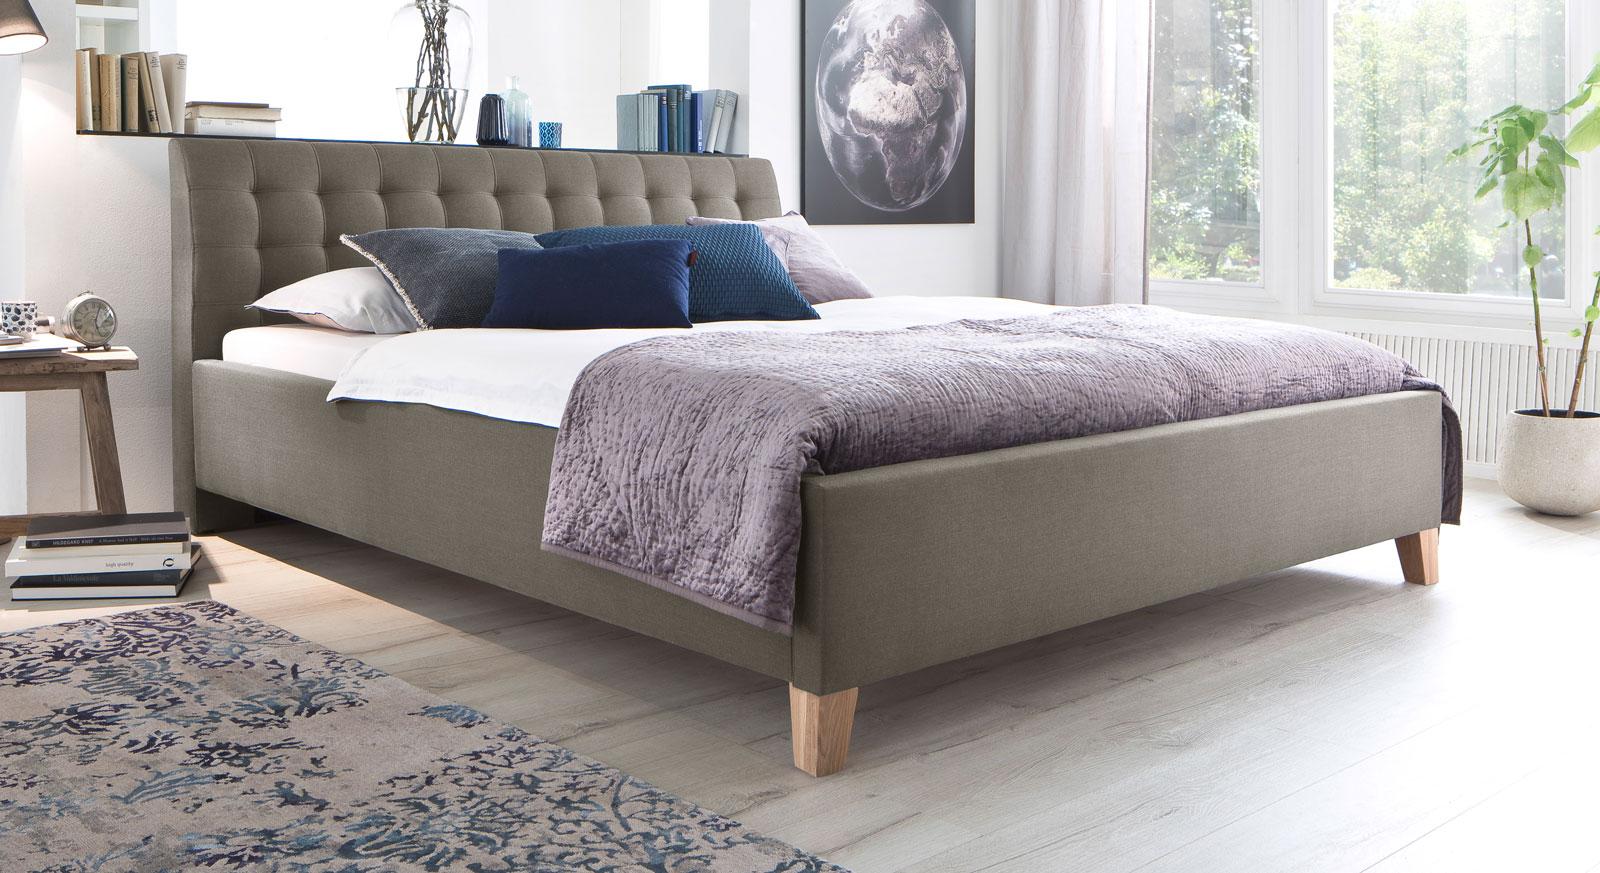 Bett Batana aus beigebraunem Webstoff